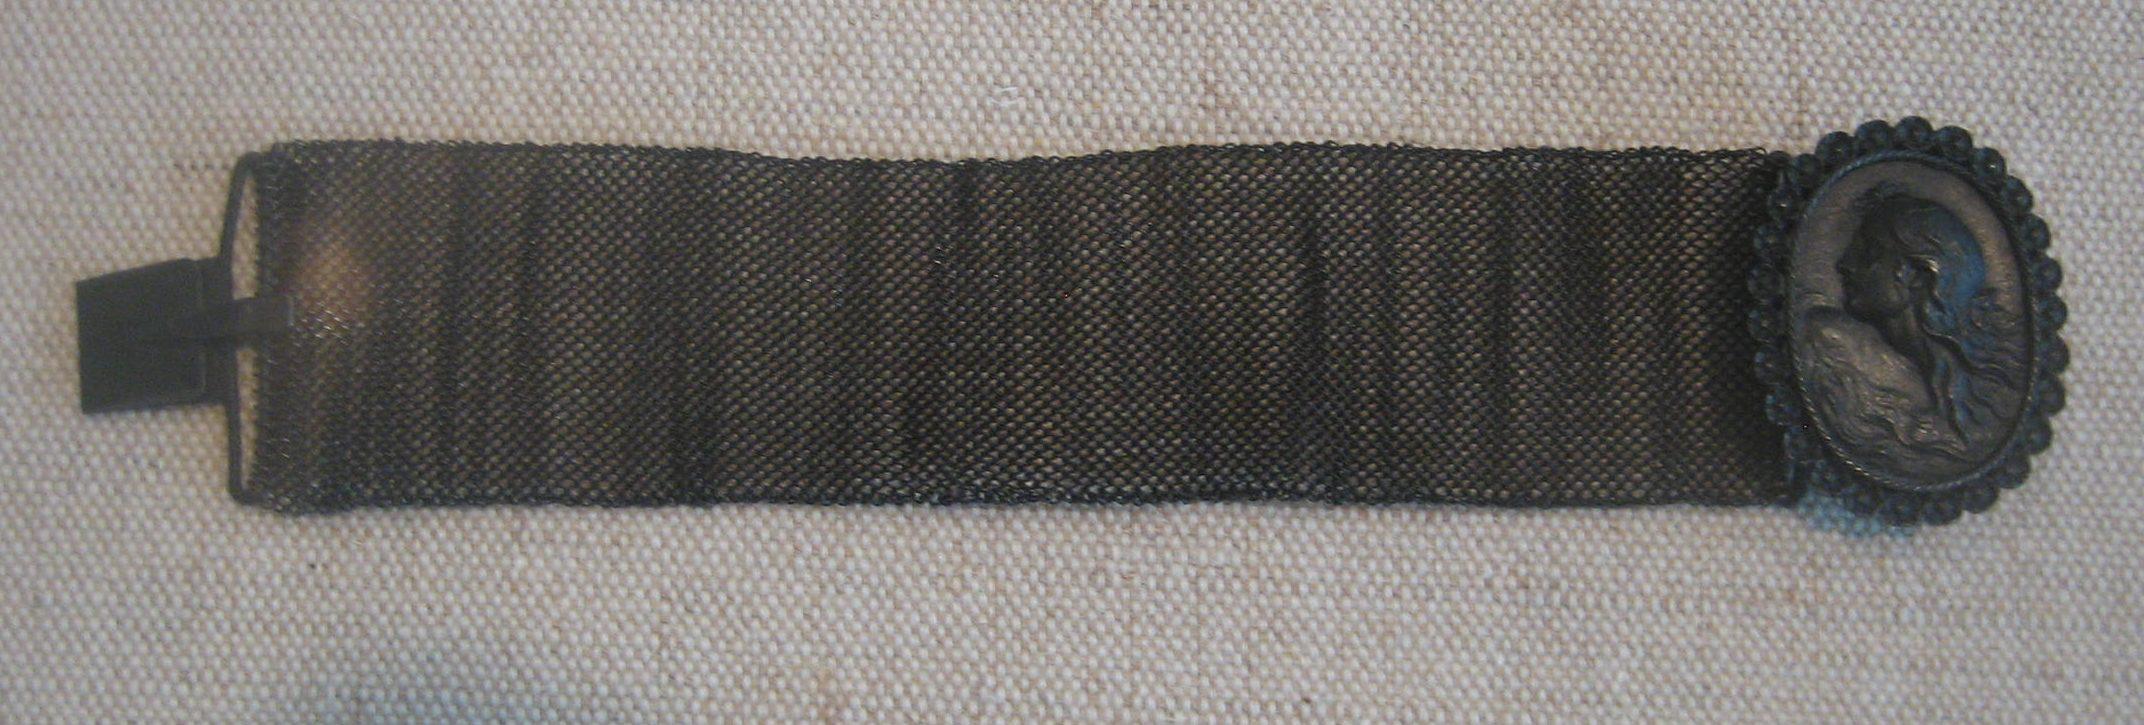 KPEG, armband van fer de Berlin, circa 1820. Collectie Schell. Foto Esther Doornbusch, mei 2019, CC BY 4.0